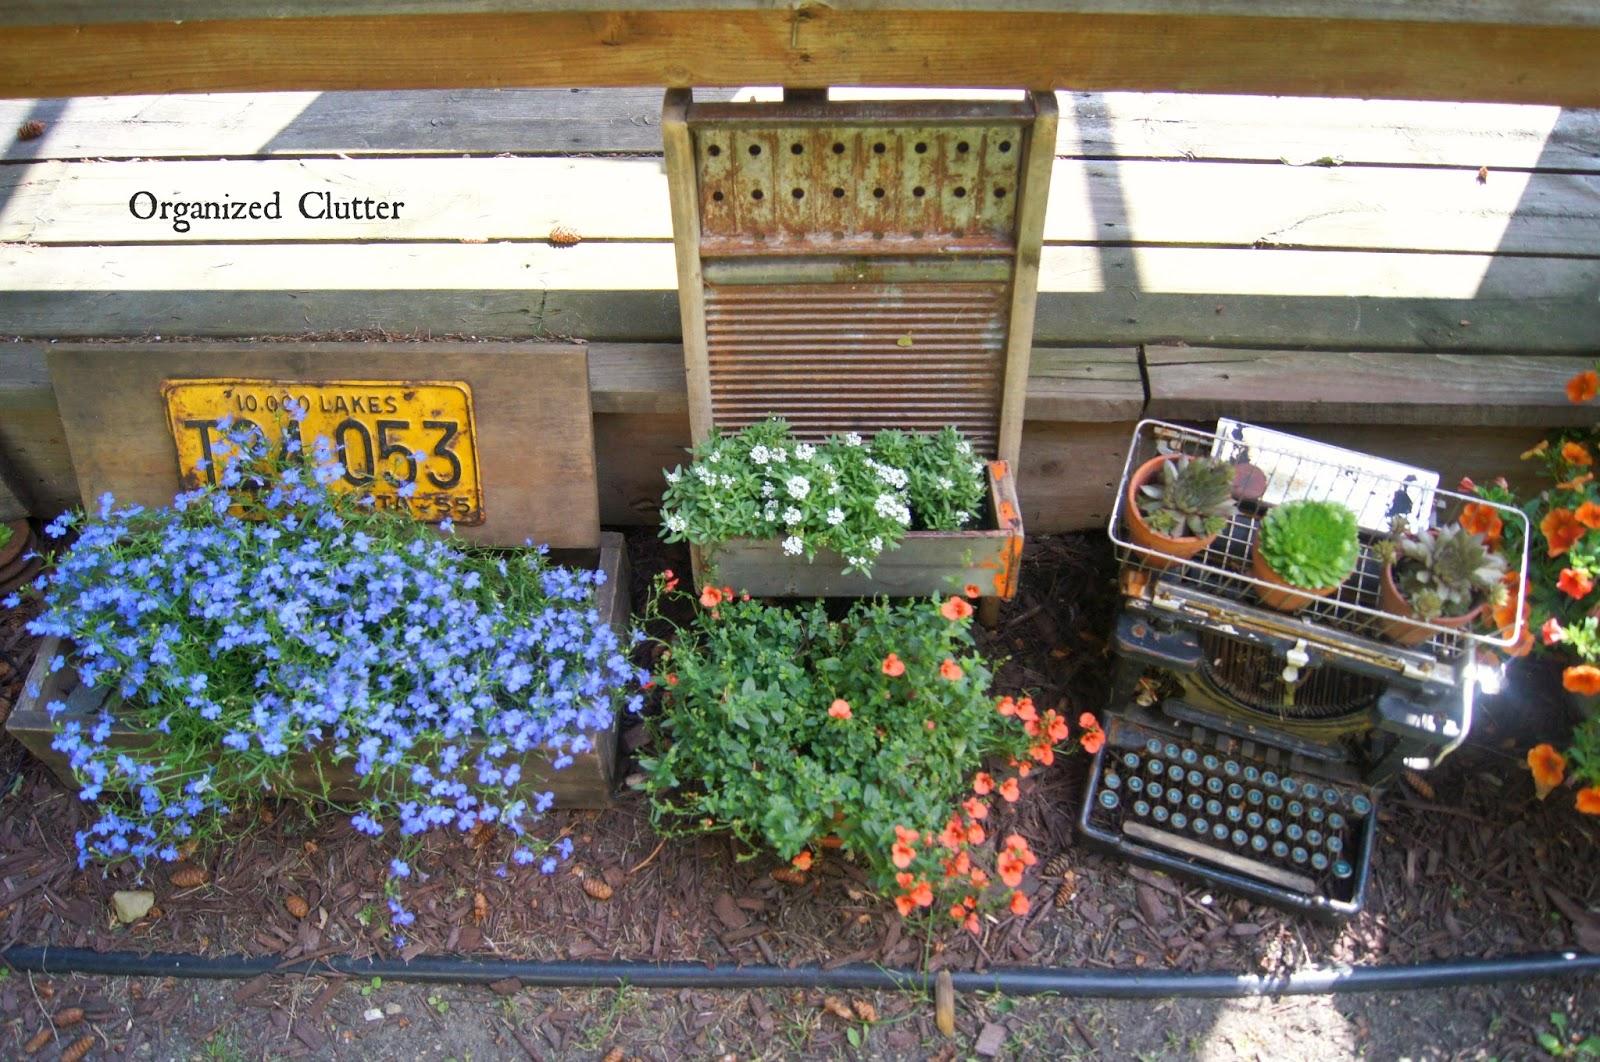 Washboard Planter, Garden Typewriter, & Old Crate Planter www.organizedclutterqueen.blogspot.com